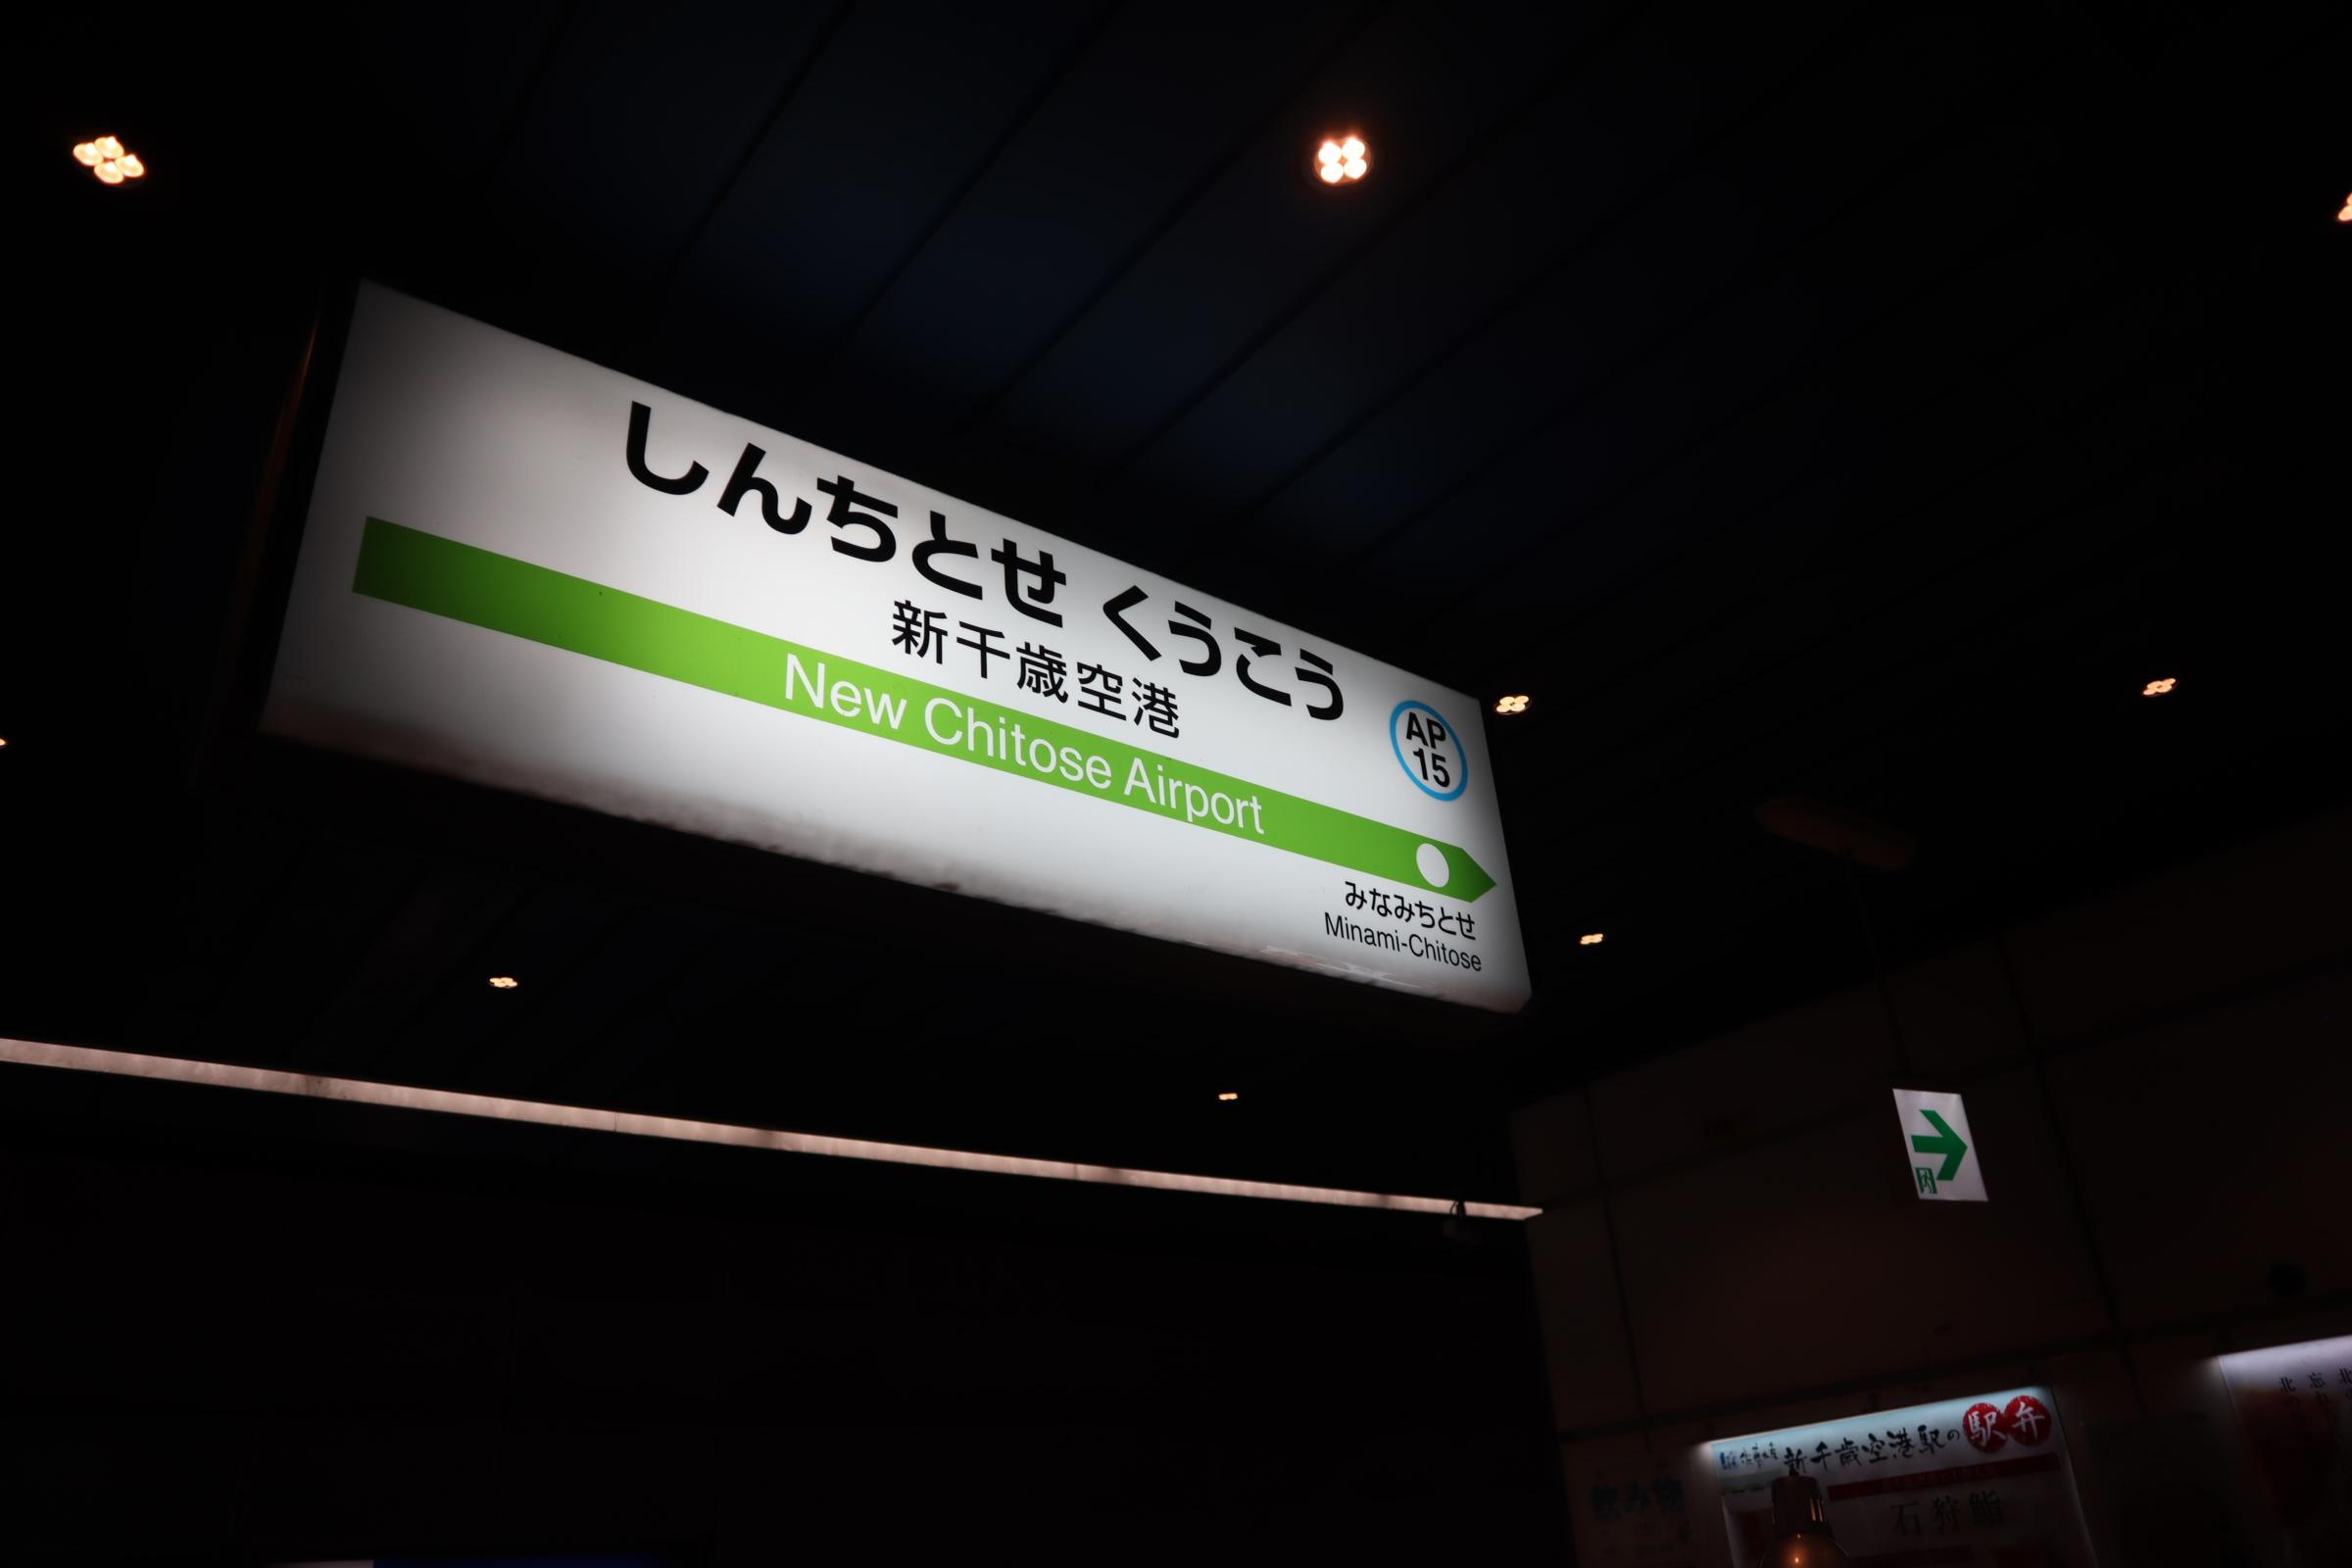 名古屋から北海道日帰り旅行ができる!中部国際空港セントレア発、スカイマークの飛行機がオススメ - IMG 6631